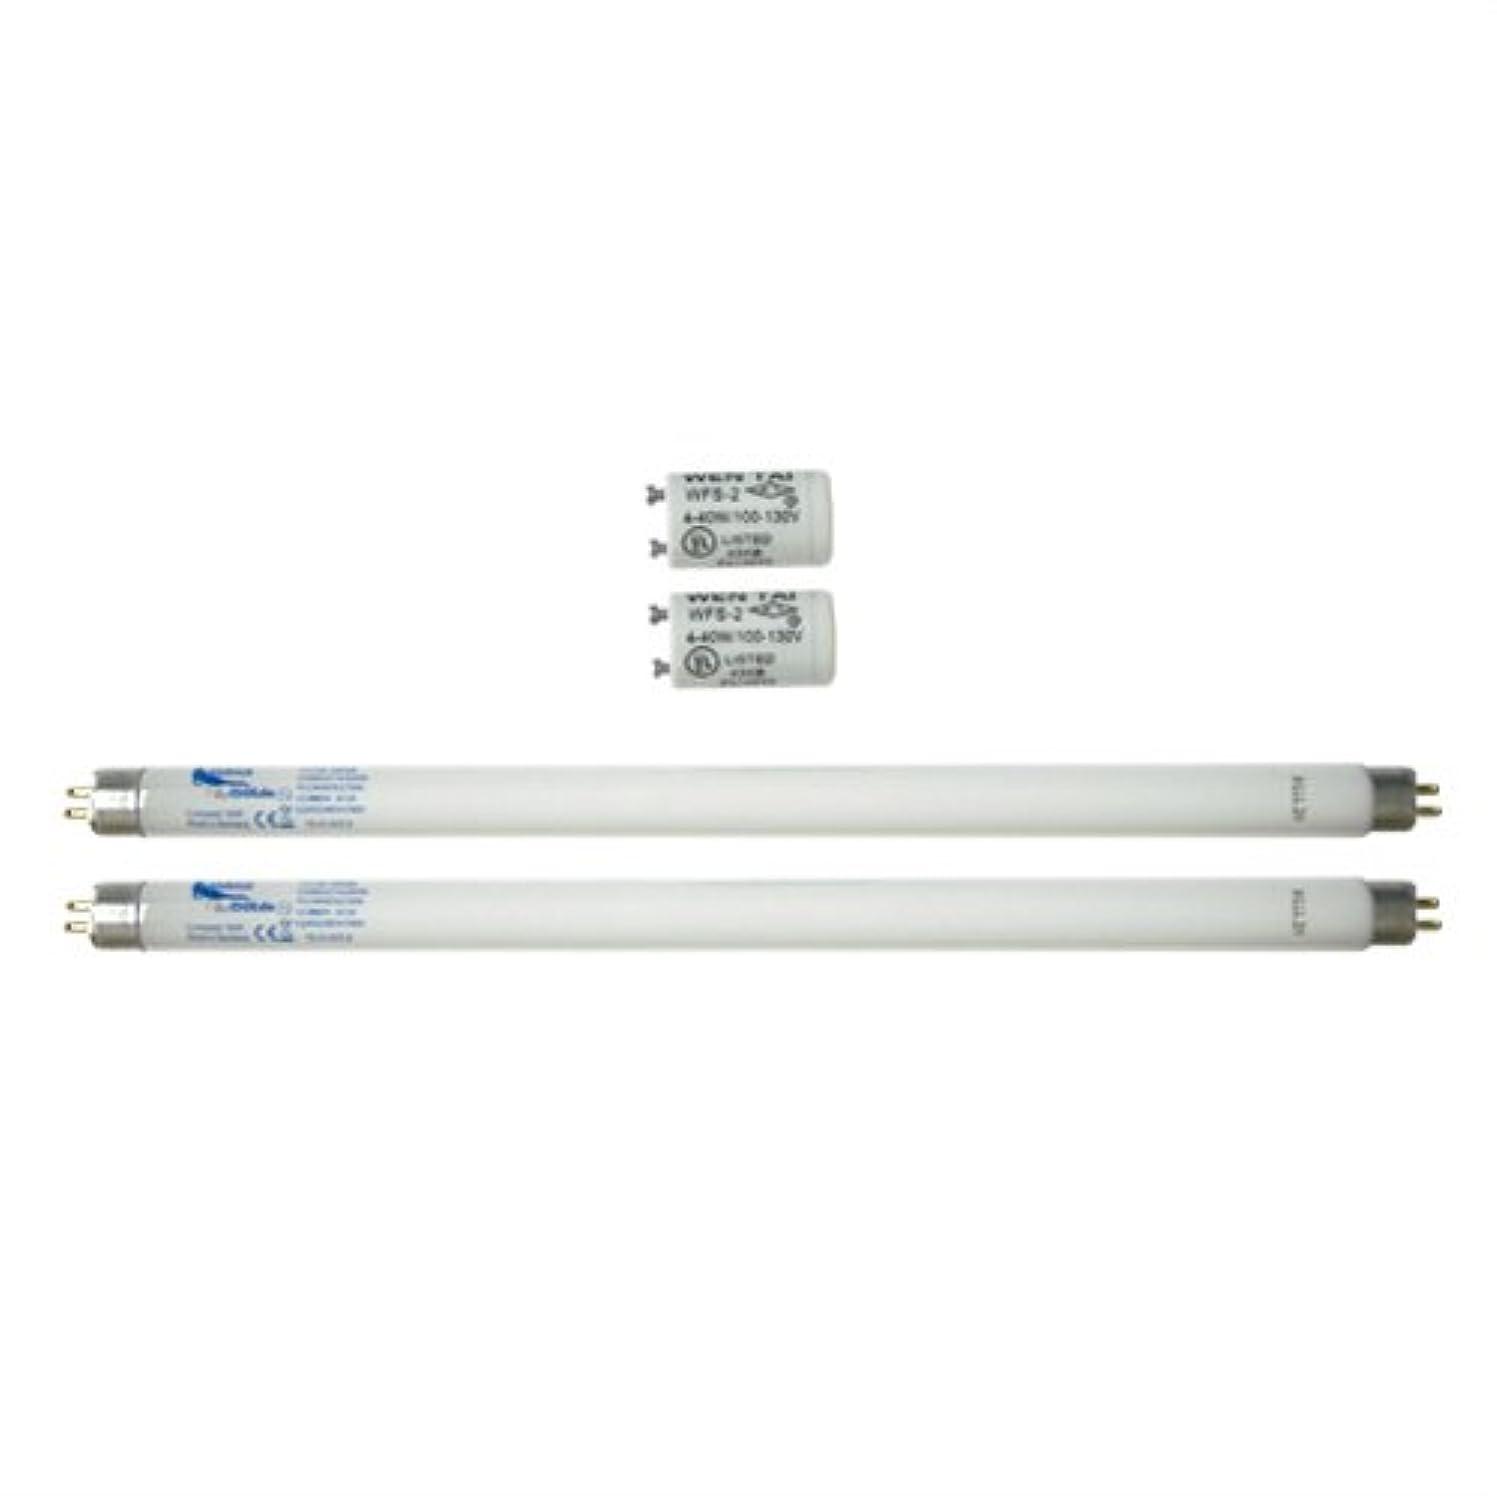 家庭用日焼けマシン ネオタン用 交換用消耗品セット (UVランプ?チューブ(蛍光管)*2本(15W?29cm)、S2グロースターター*2個(S-2タイプ)